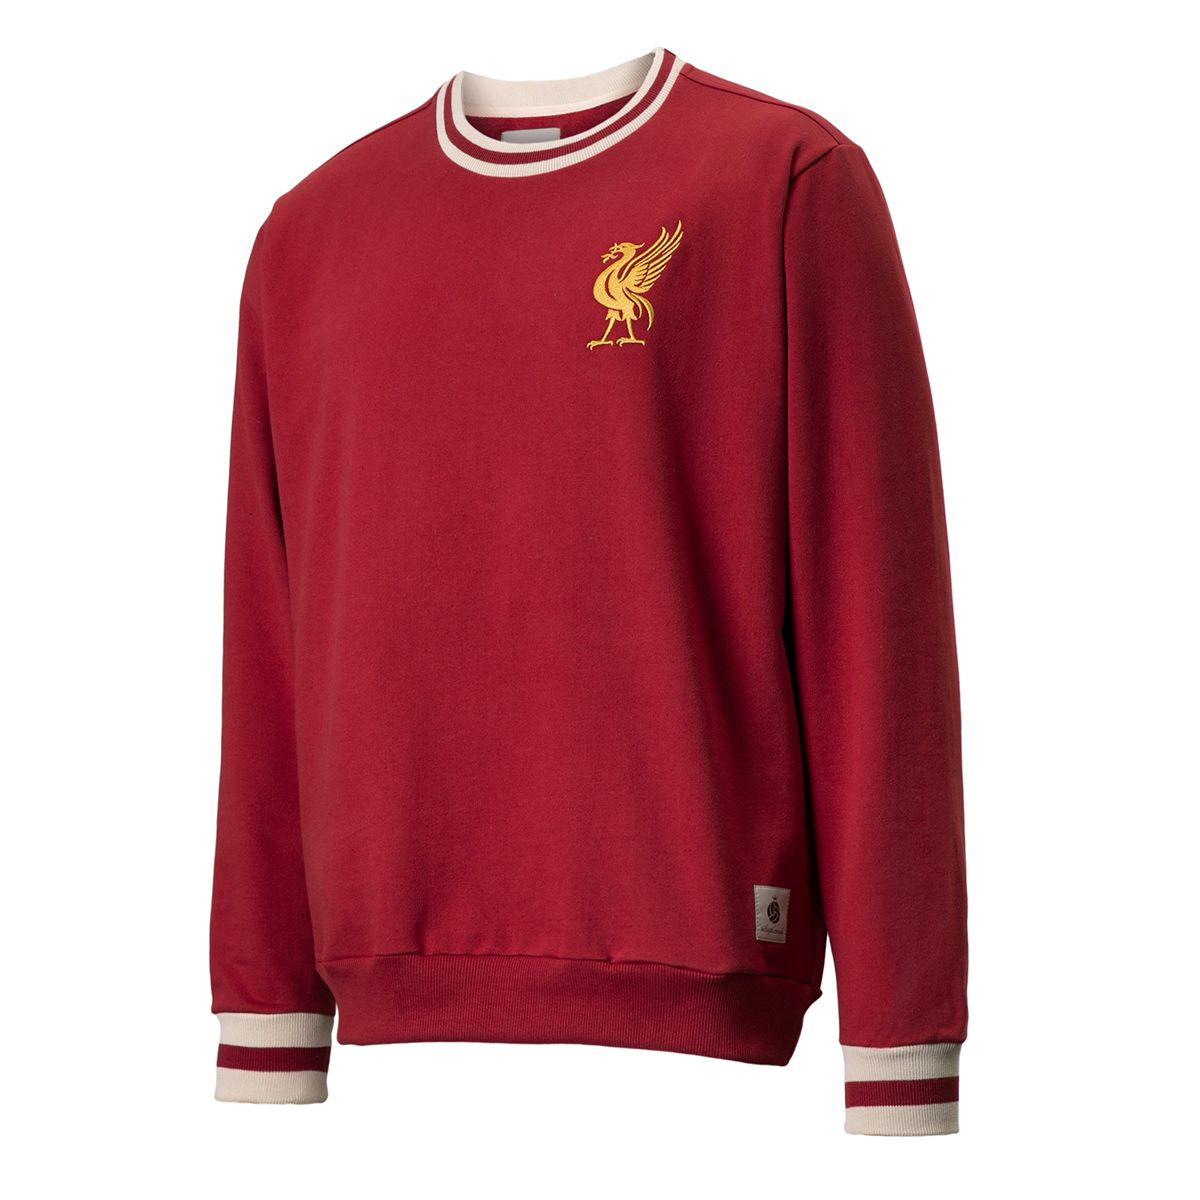 Moletom Liverpool Retrô Vermelho Masculino